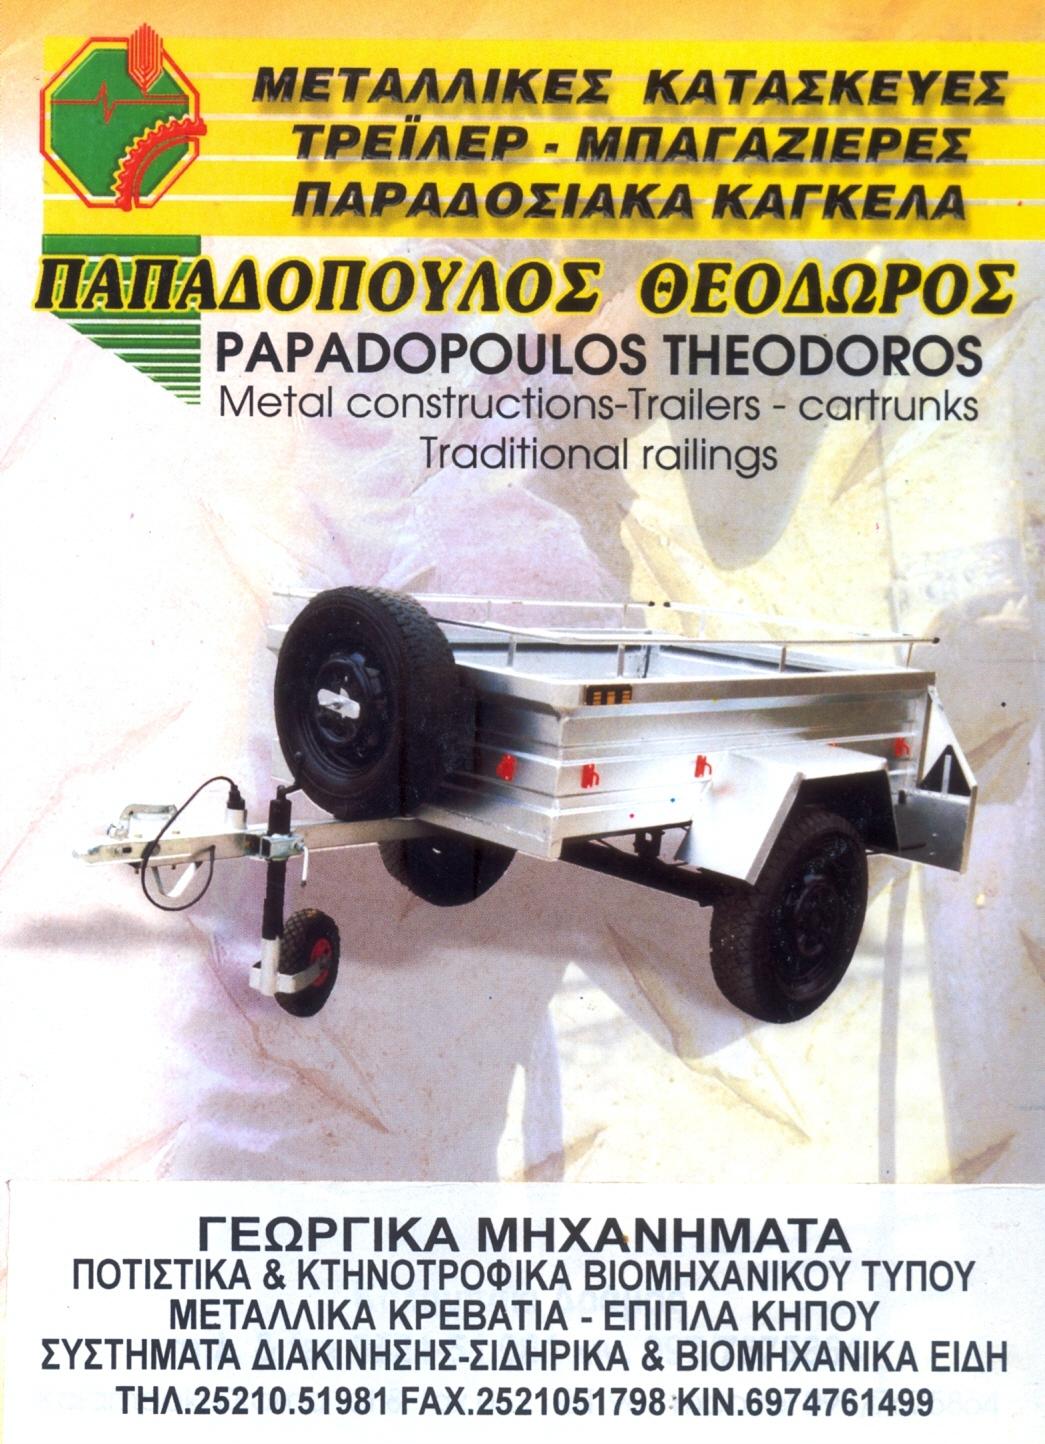 ΣΙΔΗΡΟΚΑΤΑΣΚΕΥΕΣ - ΓΕΩΡΓΙΚΑ ΜΗΧΑΝΗΜΑΤΑ